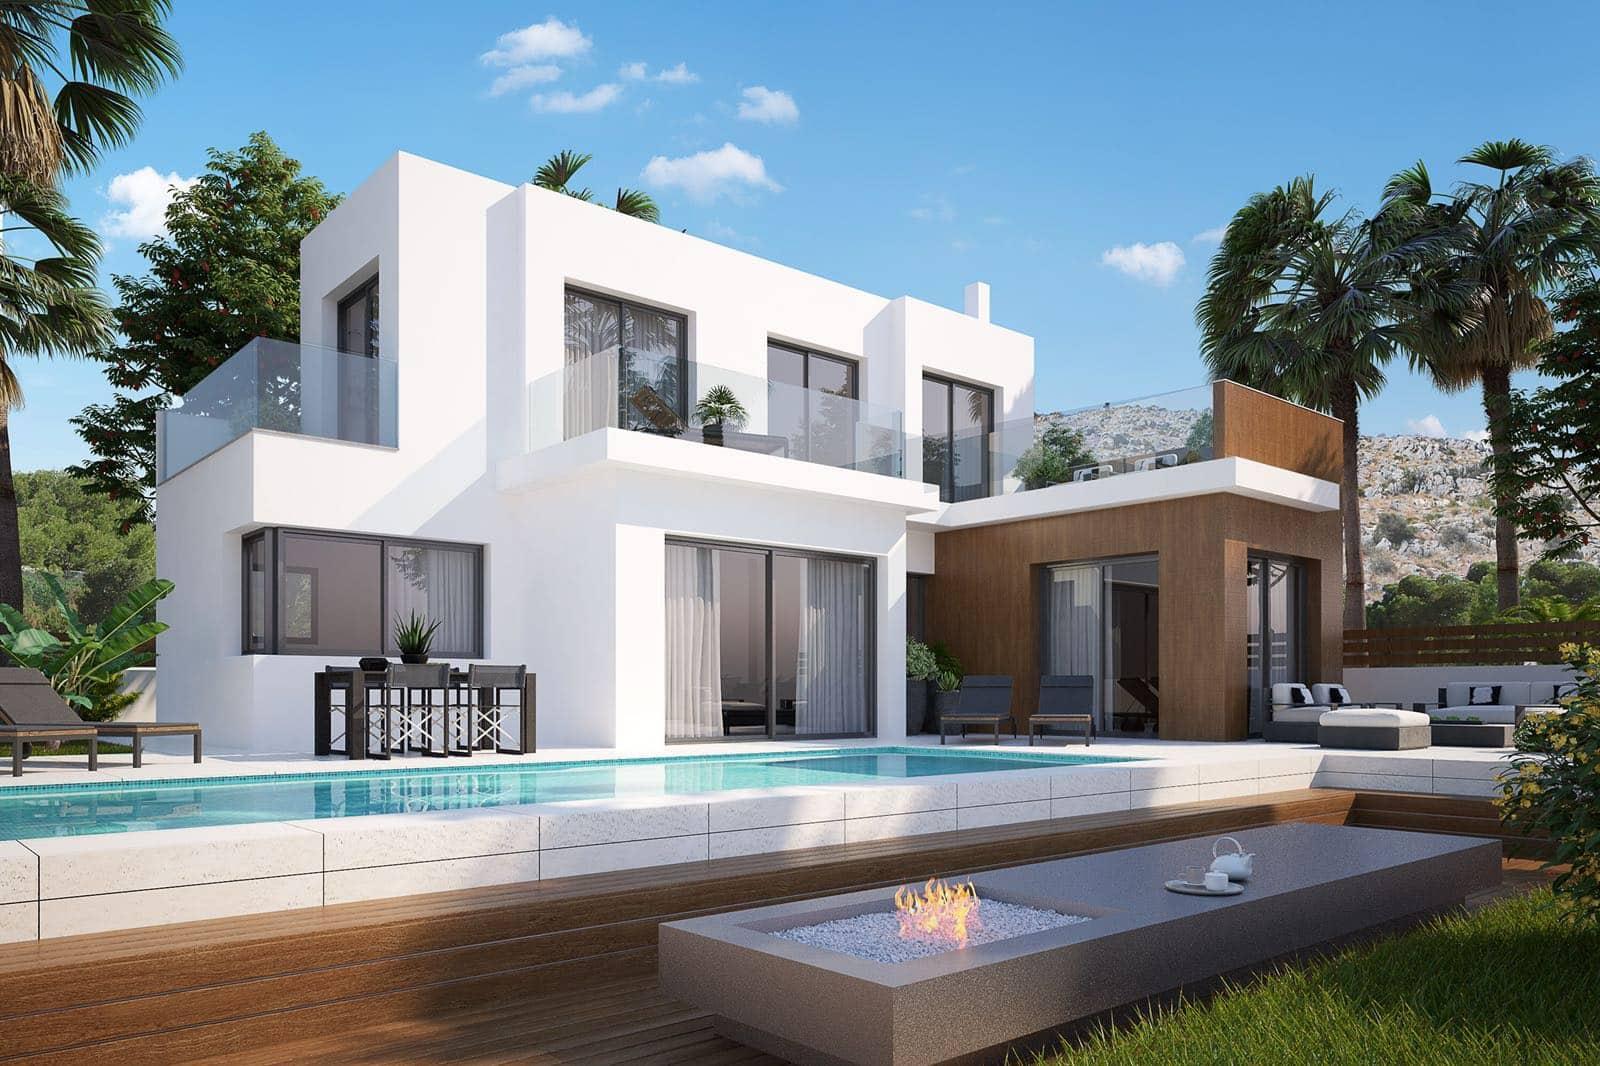 Chalet de 3 habitaciones en Polop en venta con piscina garaje - 361.100 € (Ref: 5093105)